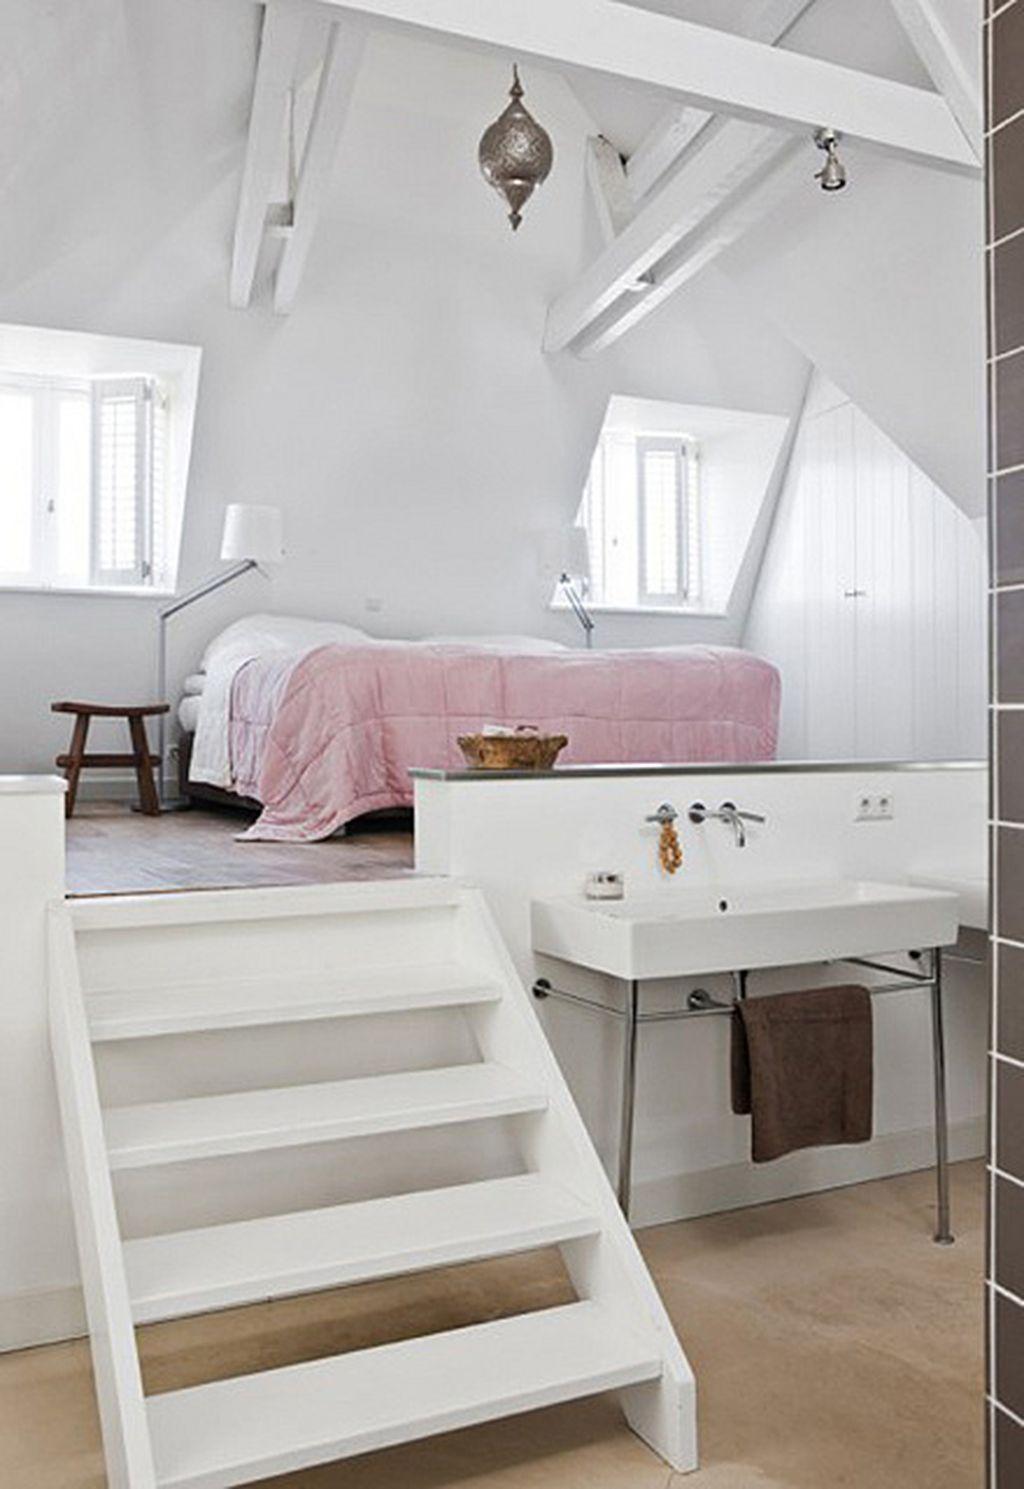 Loft style bedroom ideas   Stunning Loft Style Bedroom Design Ideas  Cheap bedroom ideas